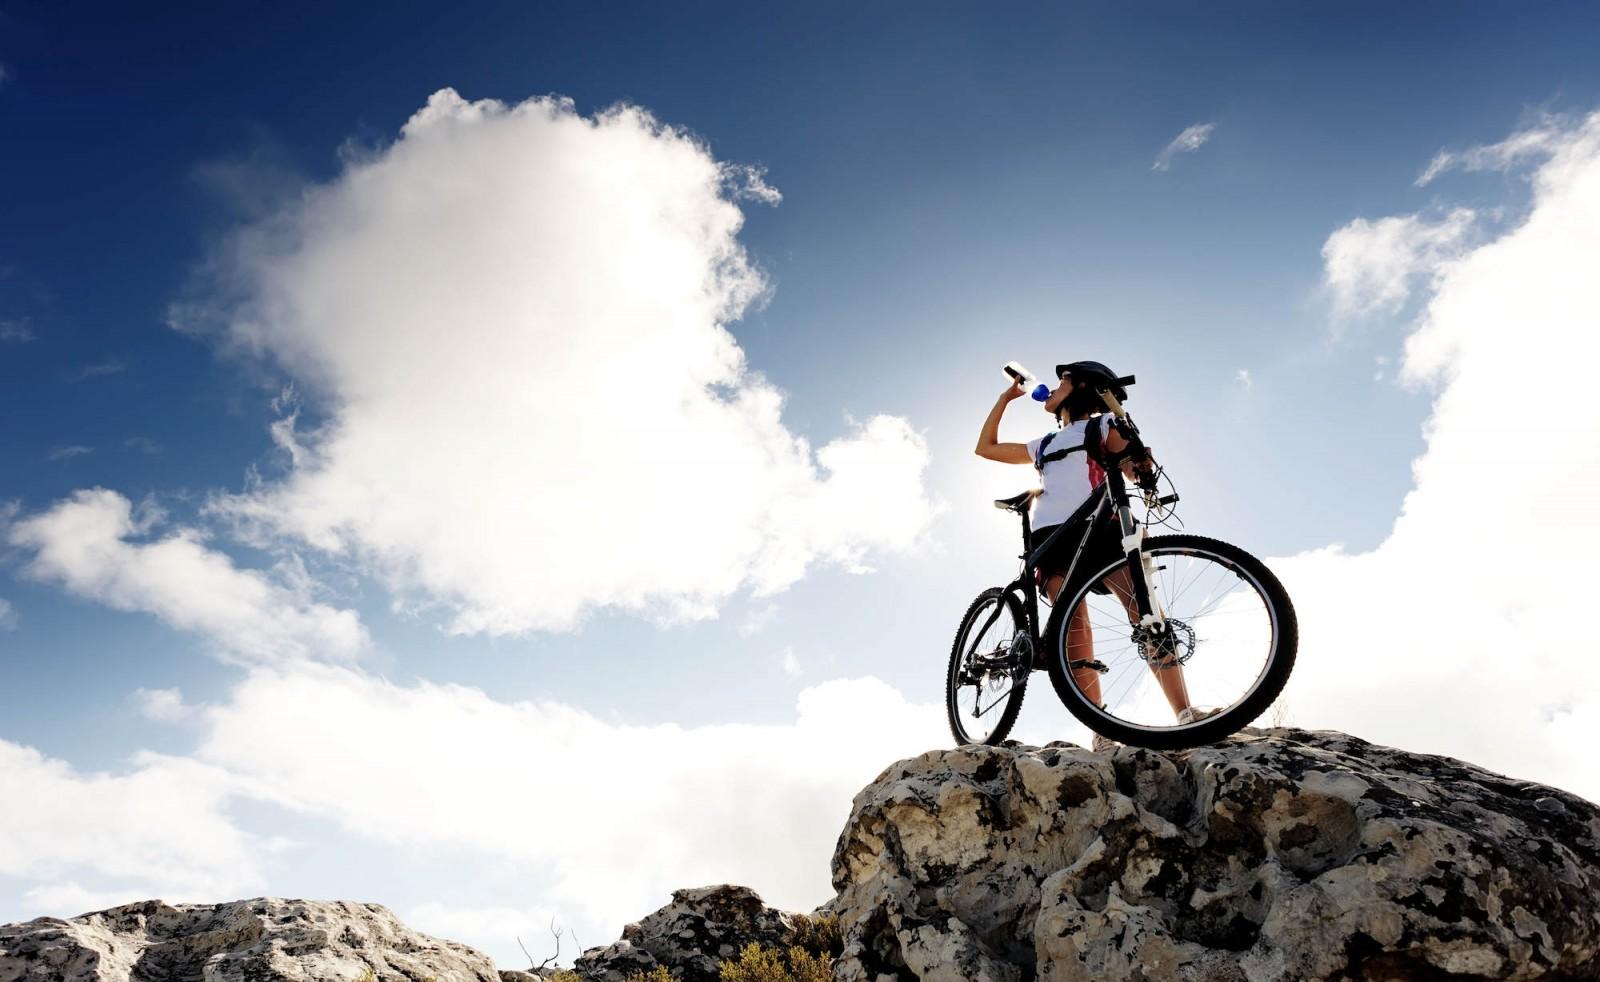 insultos-picante-mejorar-ciclismo/